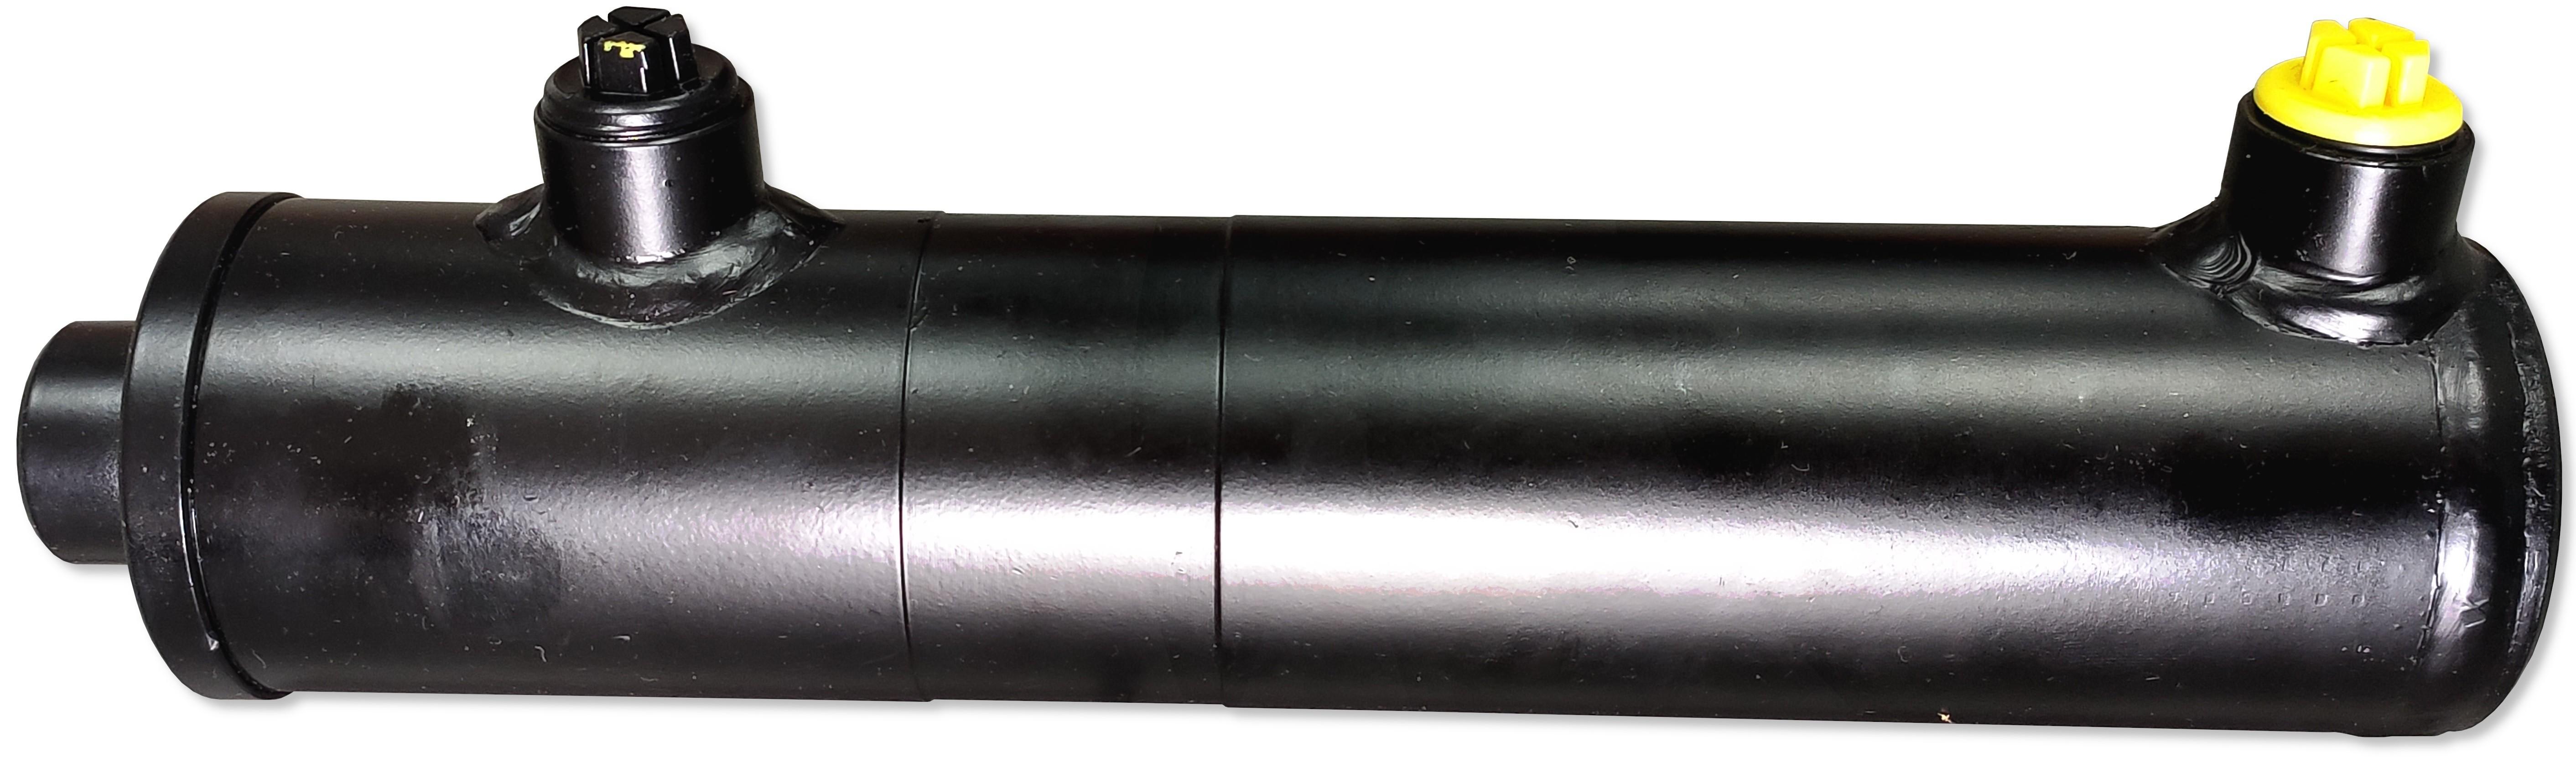 Silownik Hydrauliczny Smtg 50x30 Skok 150 2 Str